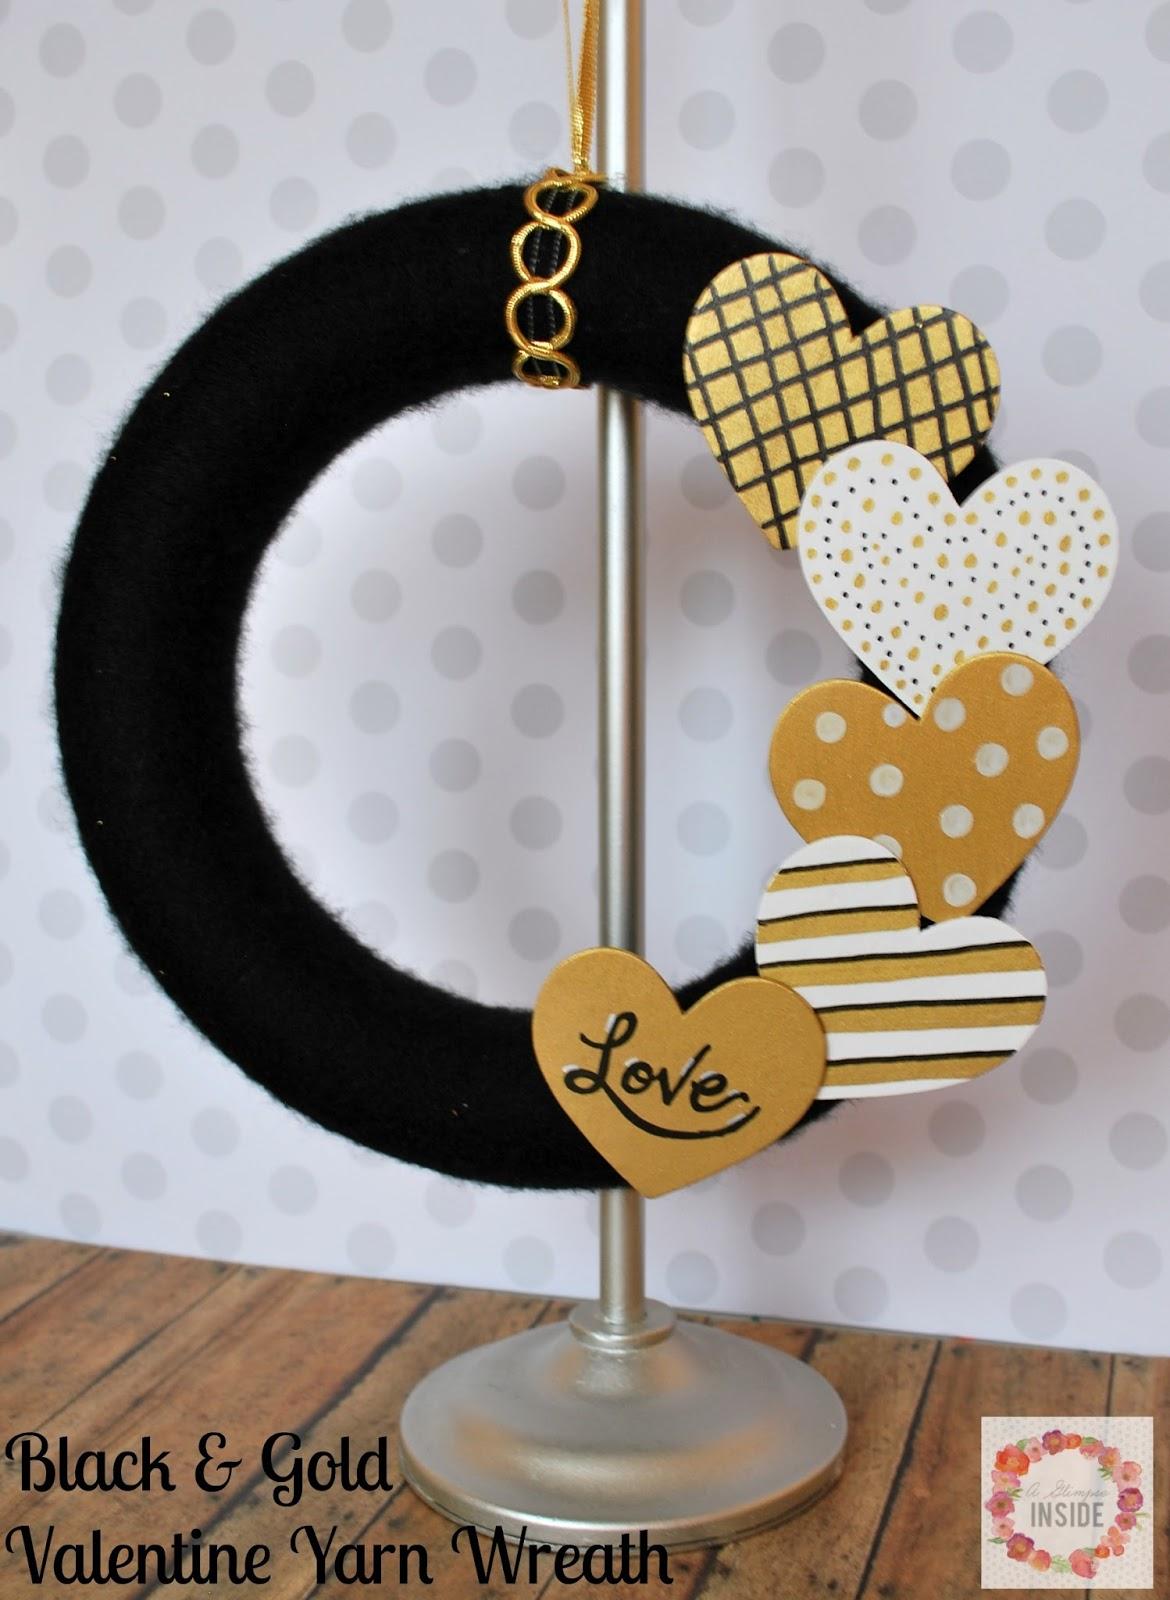 http://www.aglimpseinsideblog.com/2016/01/black-gold-valentine-yarn-wreath.html